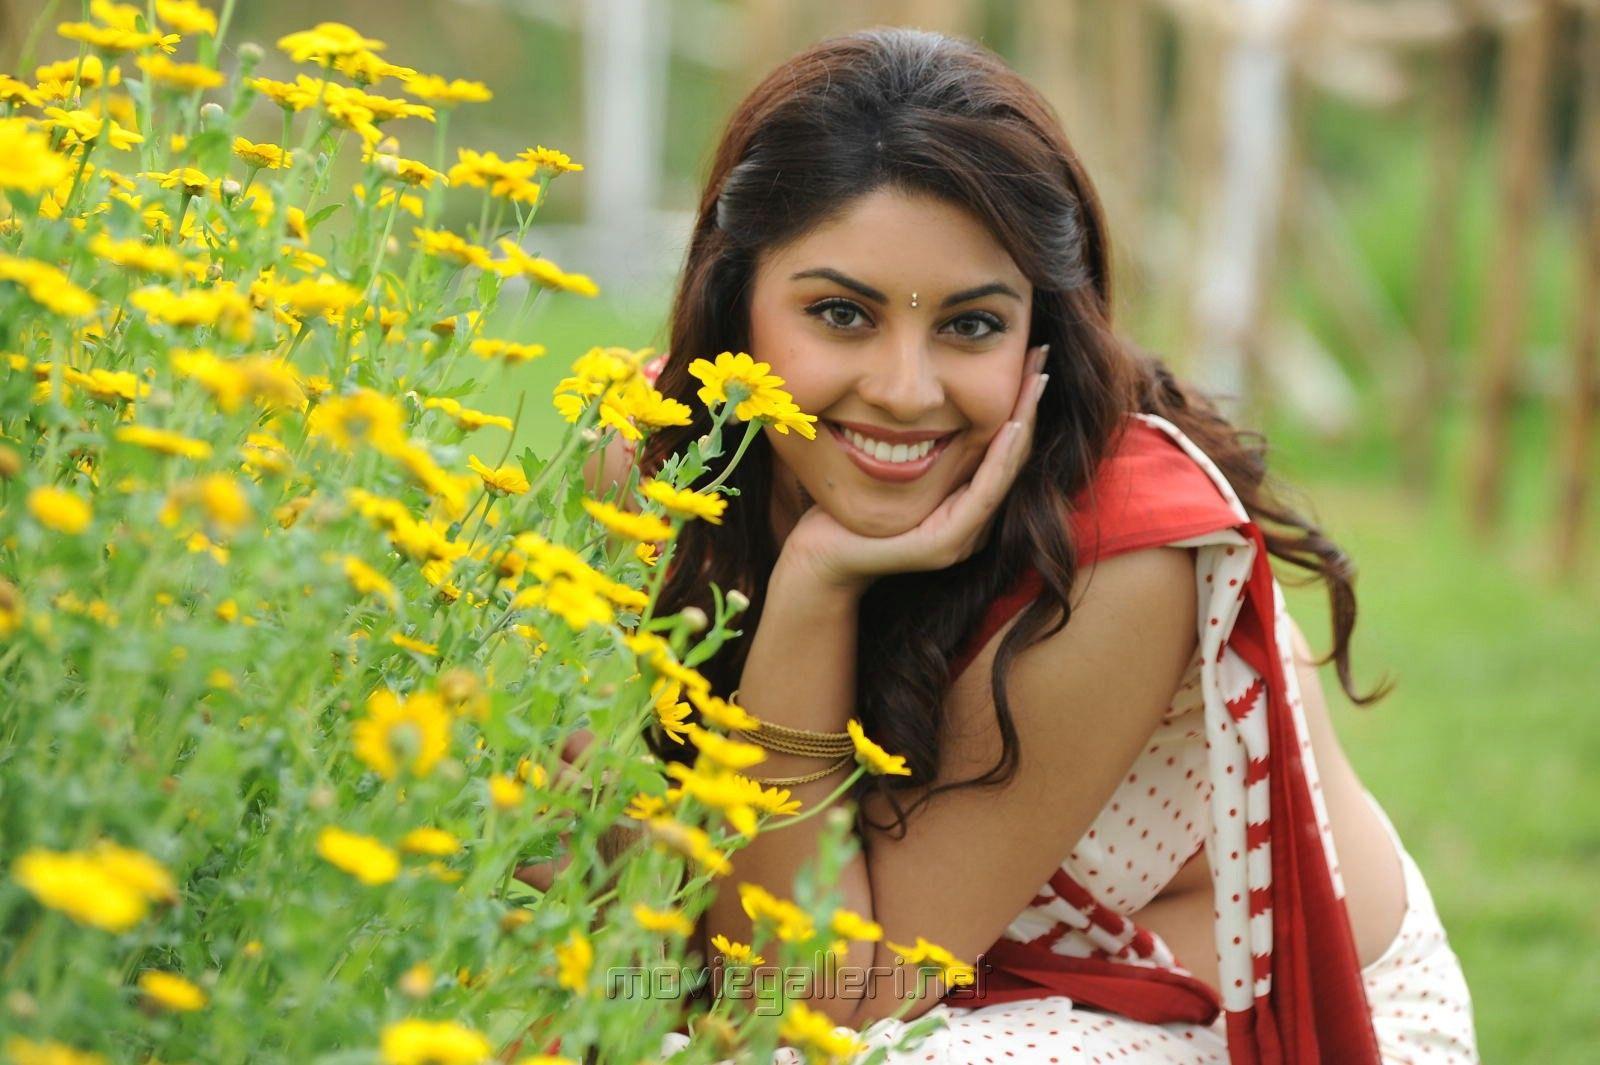 richa gangopadhyay high definition image telugu heroines | hd